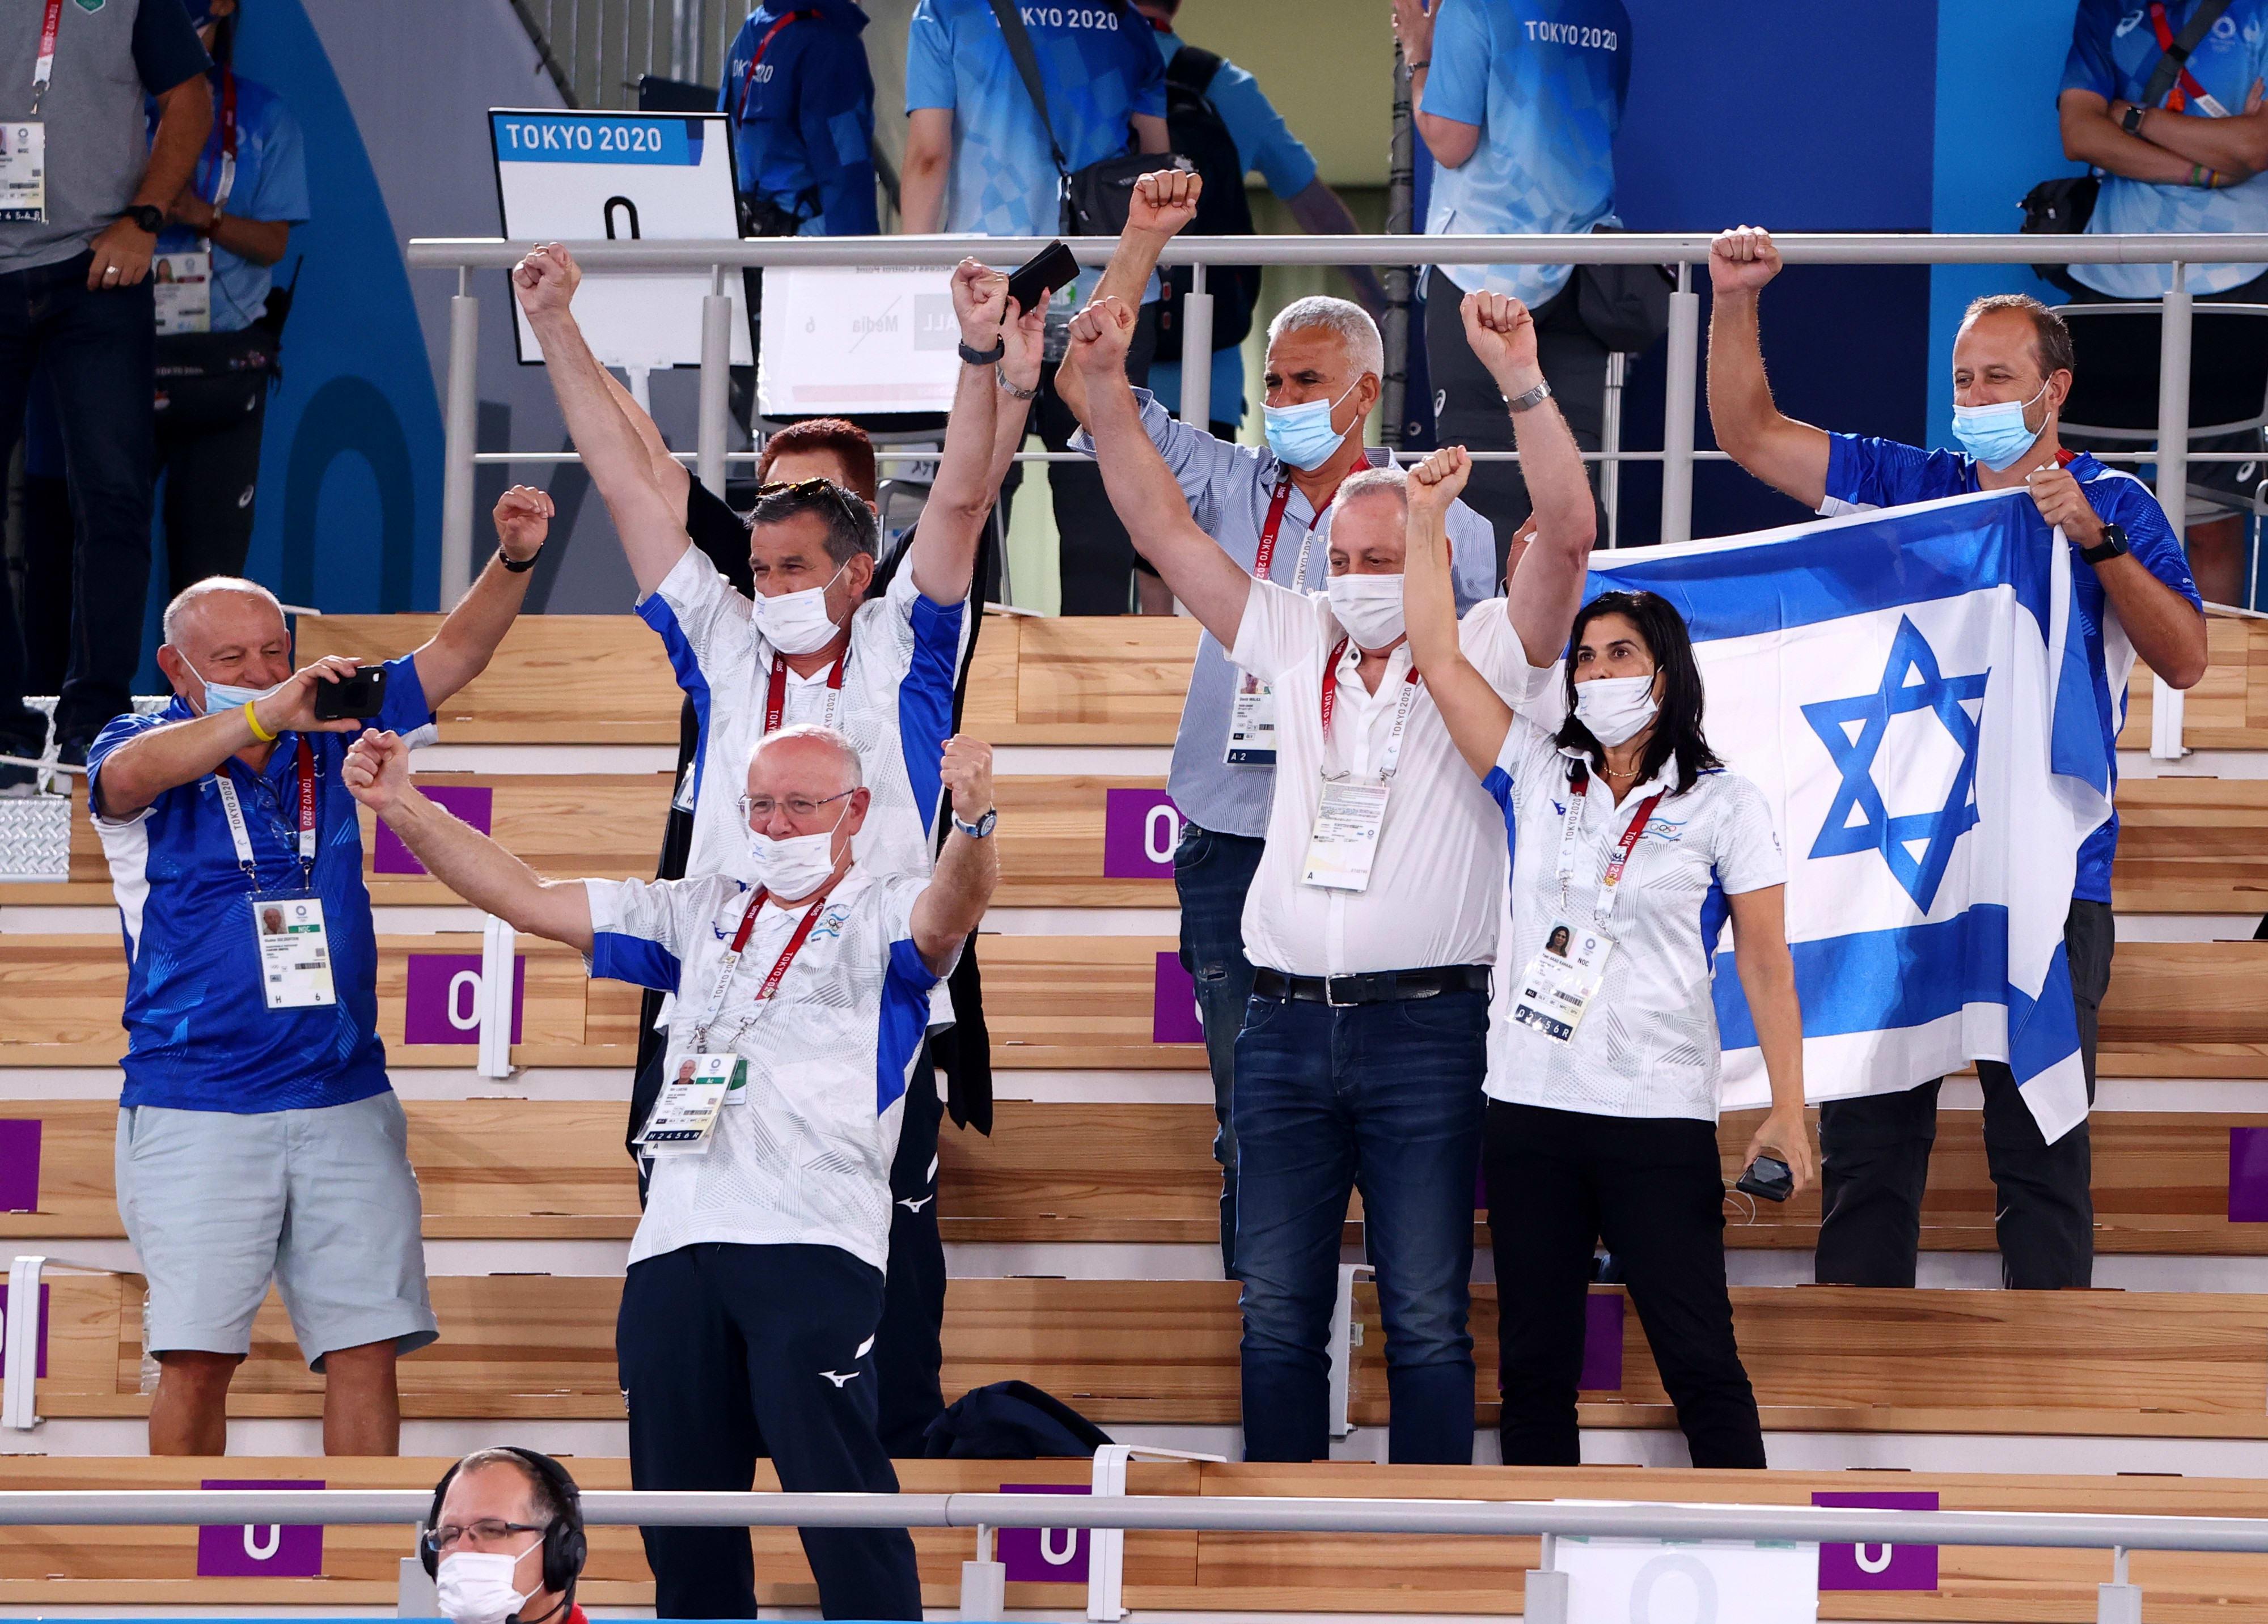 יעל ארד, יגאל כרמי, גילי לוסטיג ראשי הוועד האולימפי בזמן הזכייה של ארטיום דולגופיאט